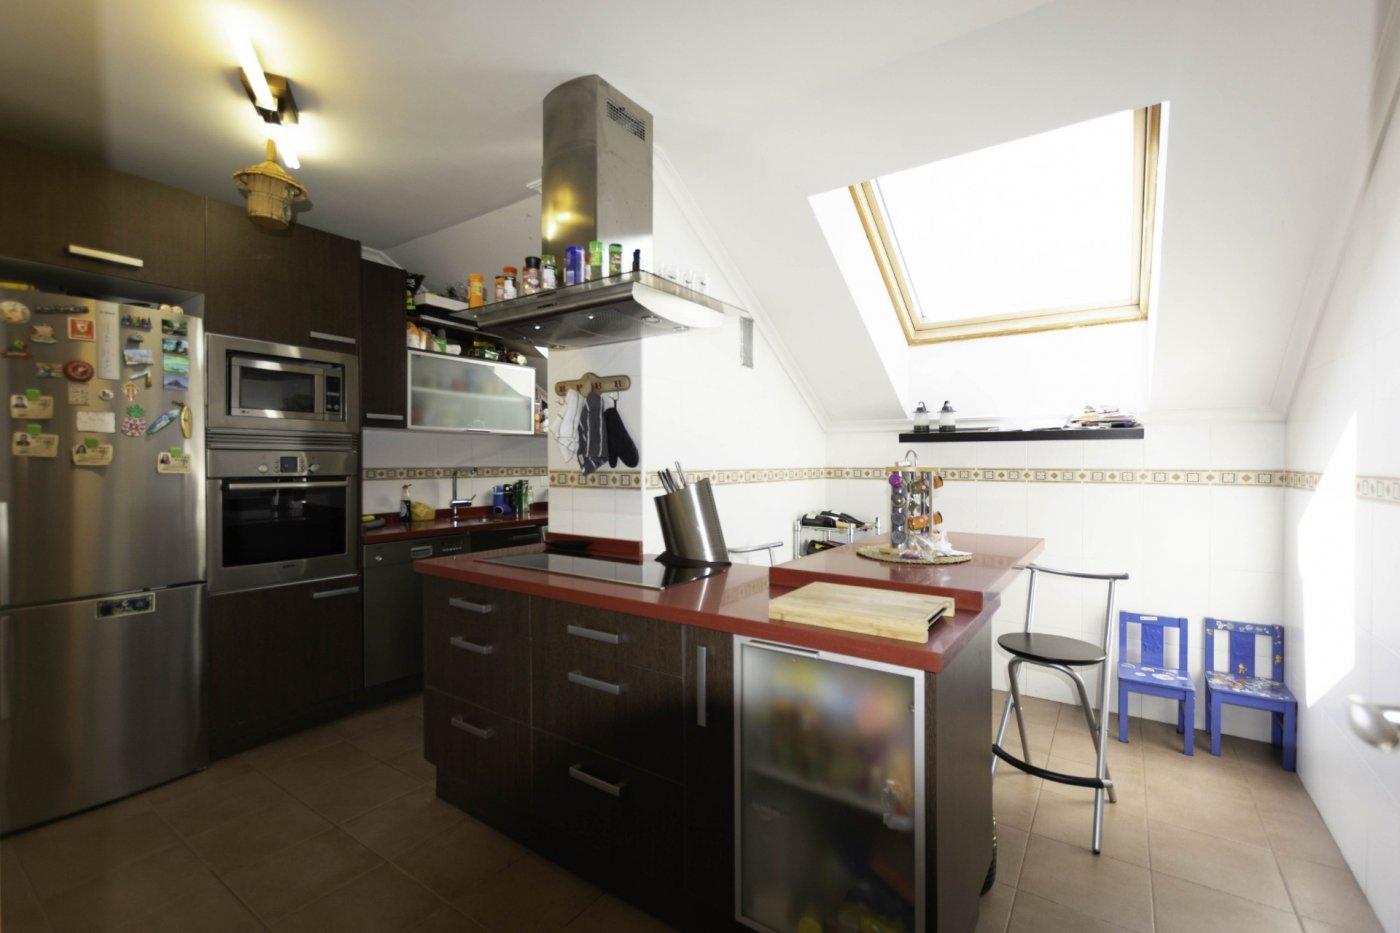 Ático con terraza de 11 m2, a 2 km de salinas - imagenInmueble9